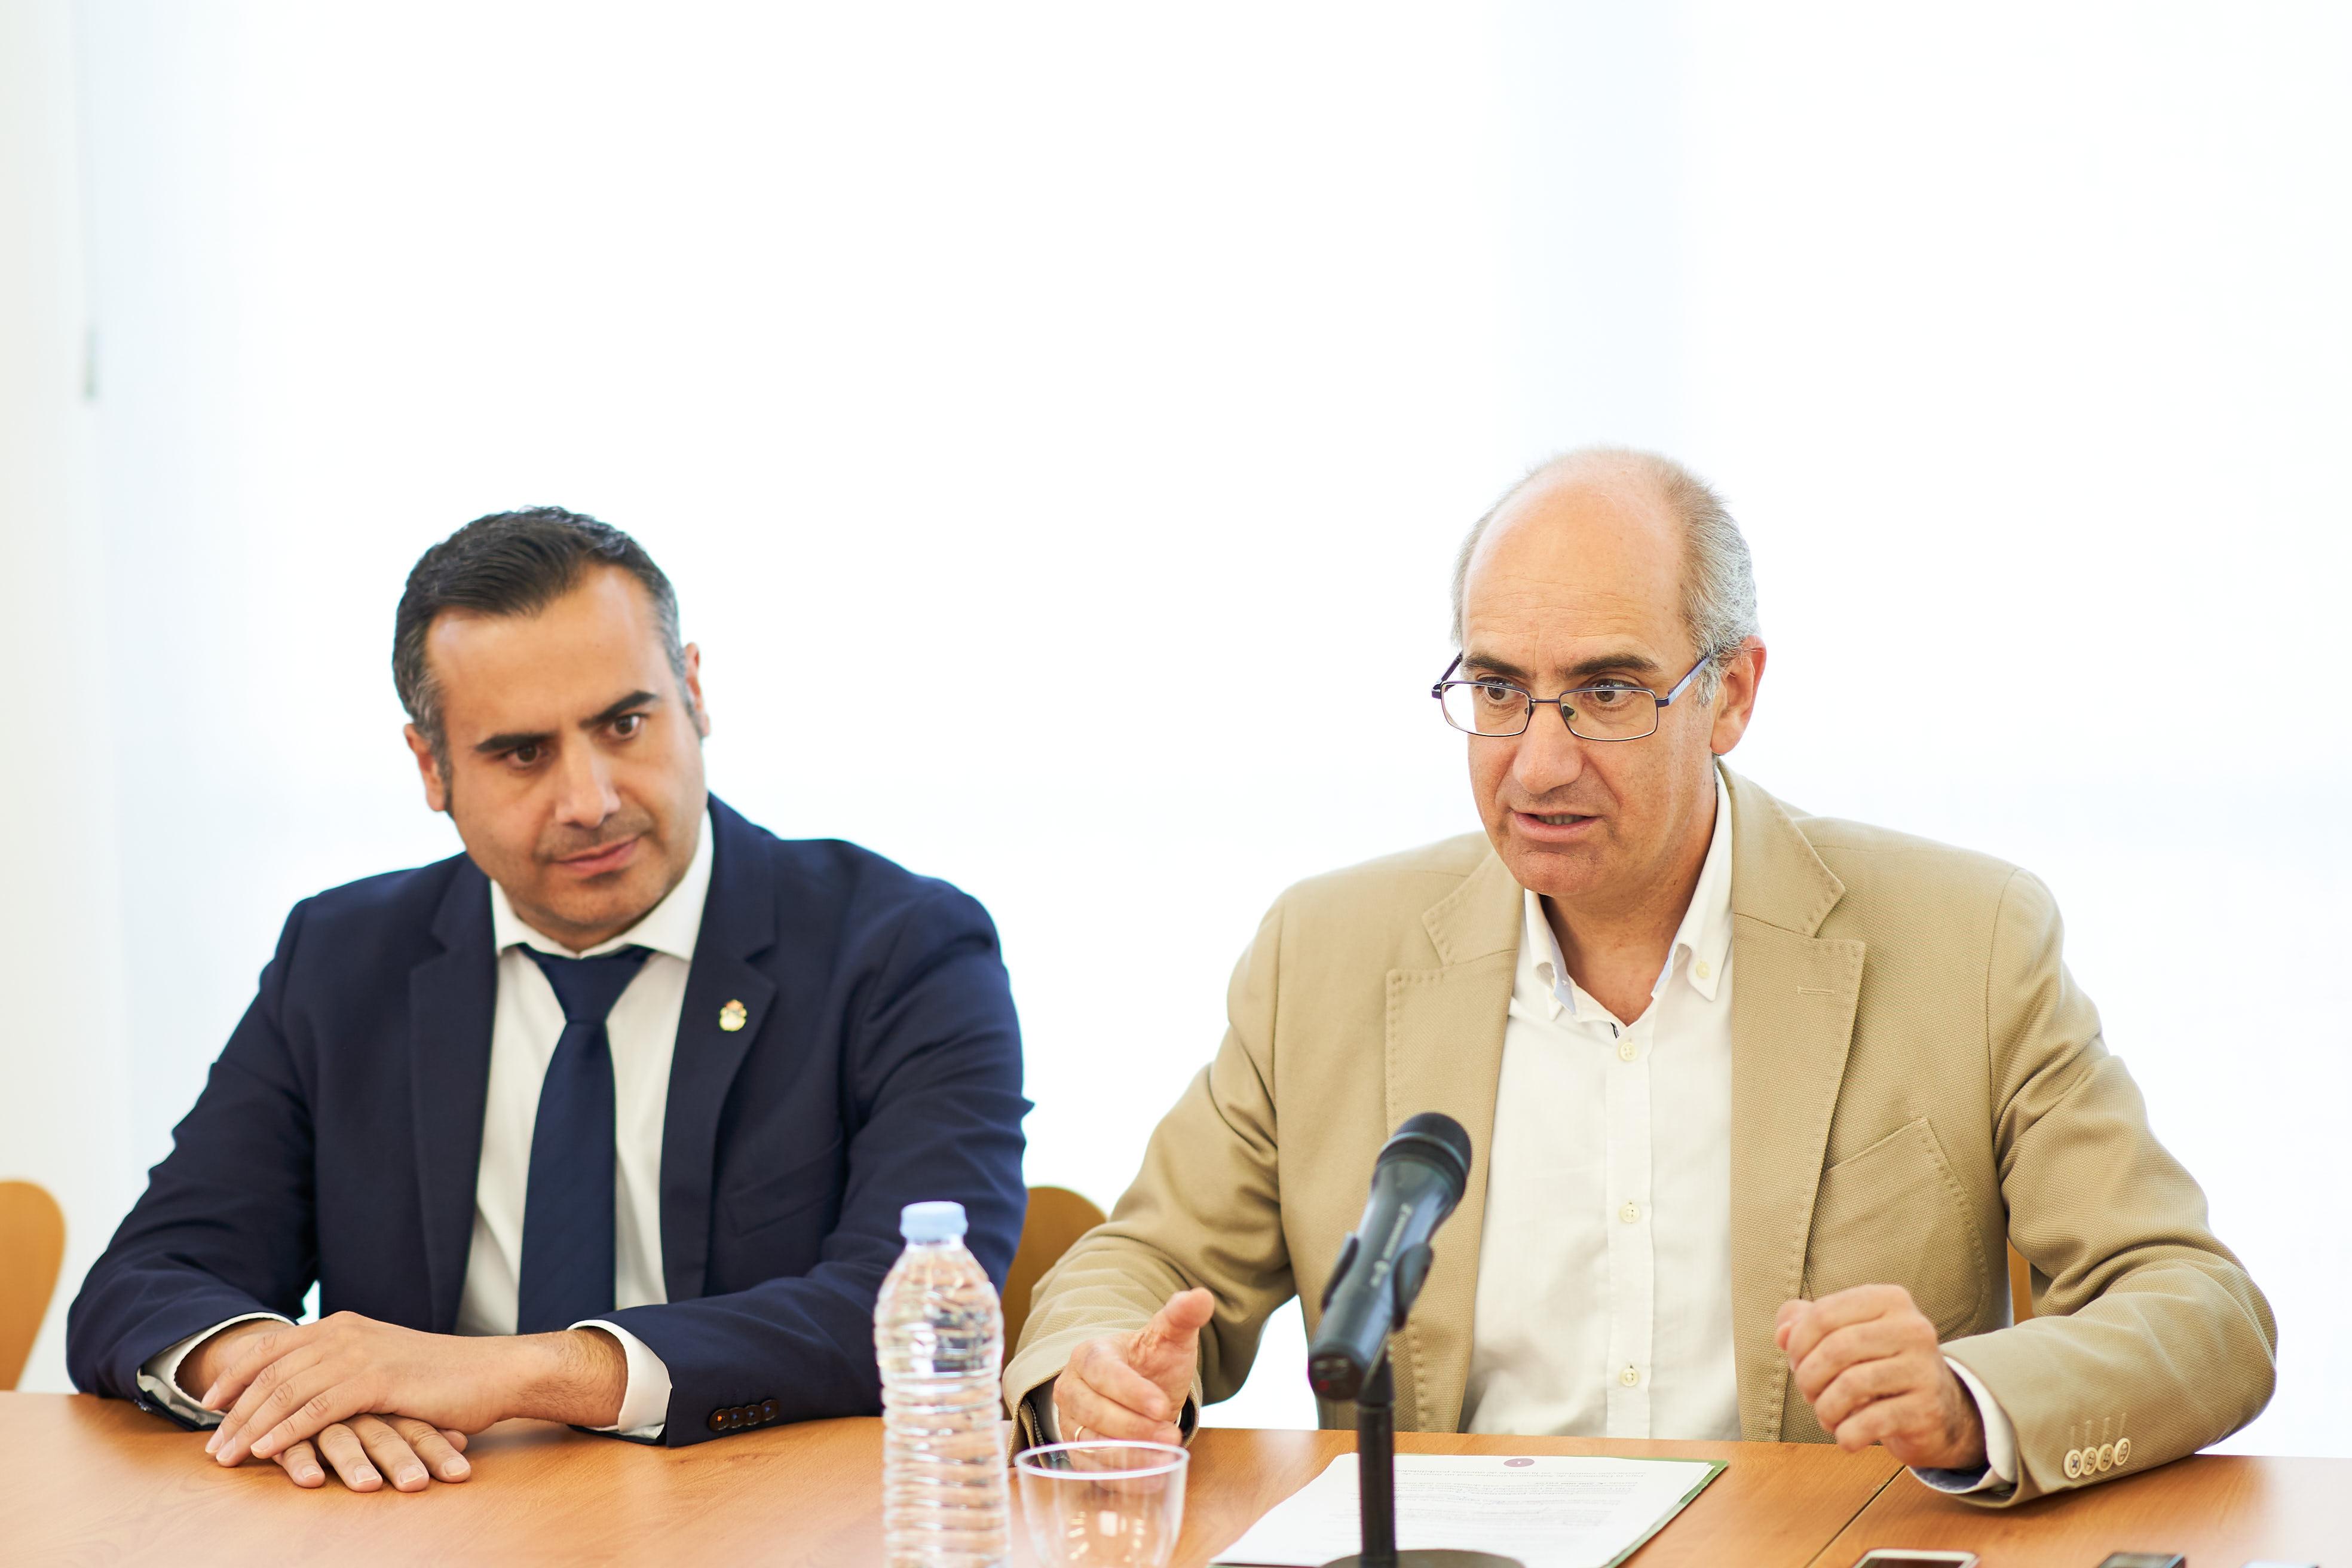 El rector y el presidente de la Diputación presentan los resultados de la III convocatoria de los proyectos de investigación orientados al sector primario 0008.jpg